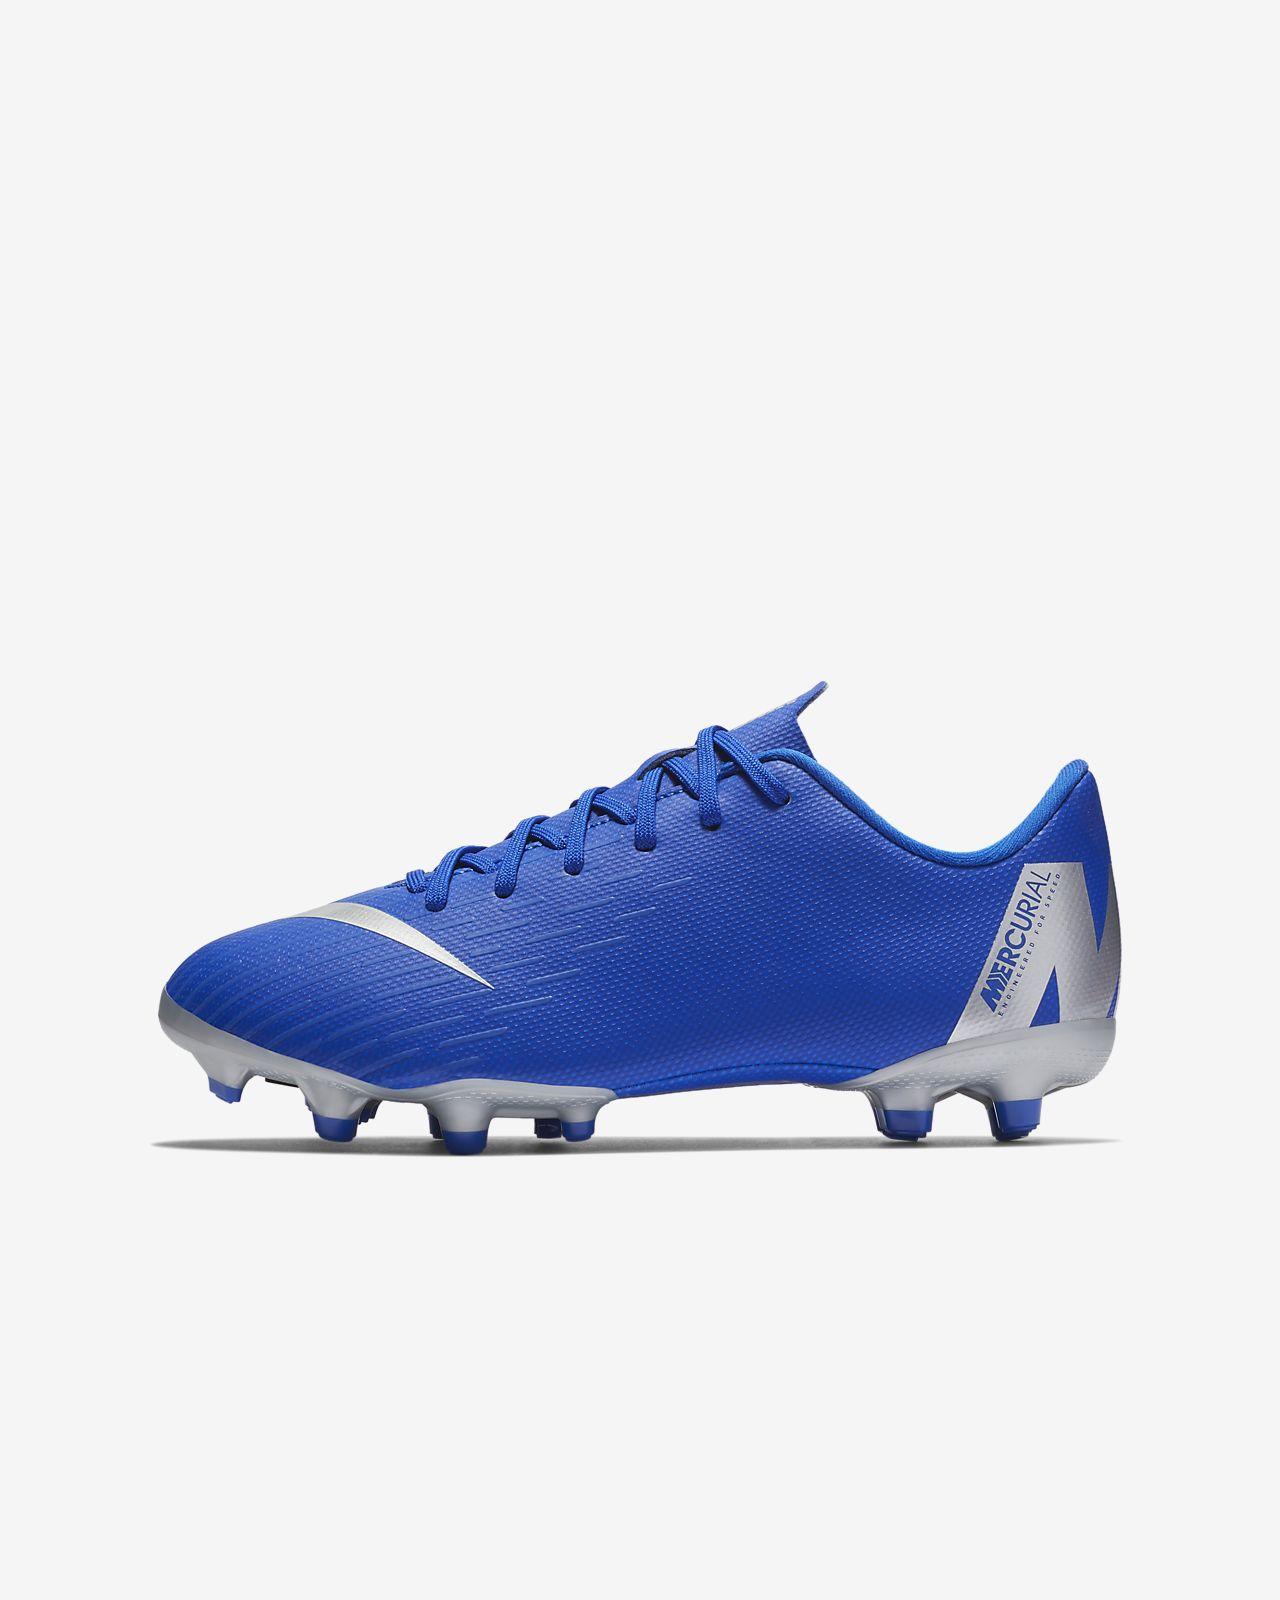 Calzado de fútbol multiterreno para niños talla pequeña/grande Nike Jr. Mercurial Vapor XII Academy